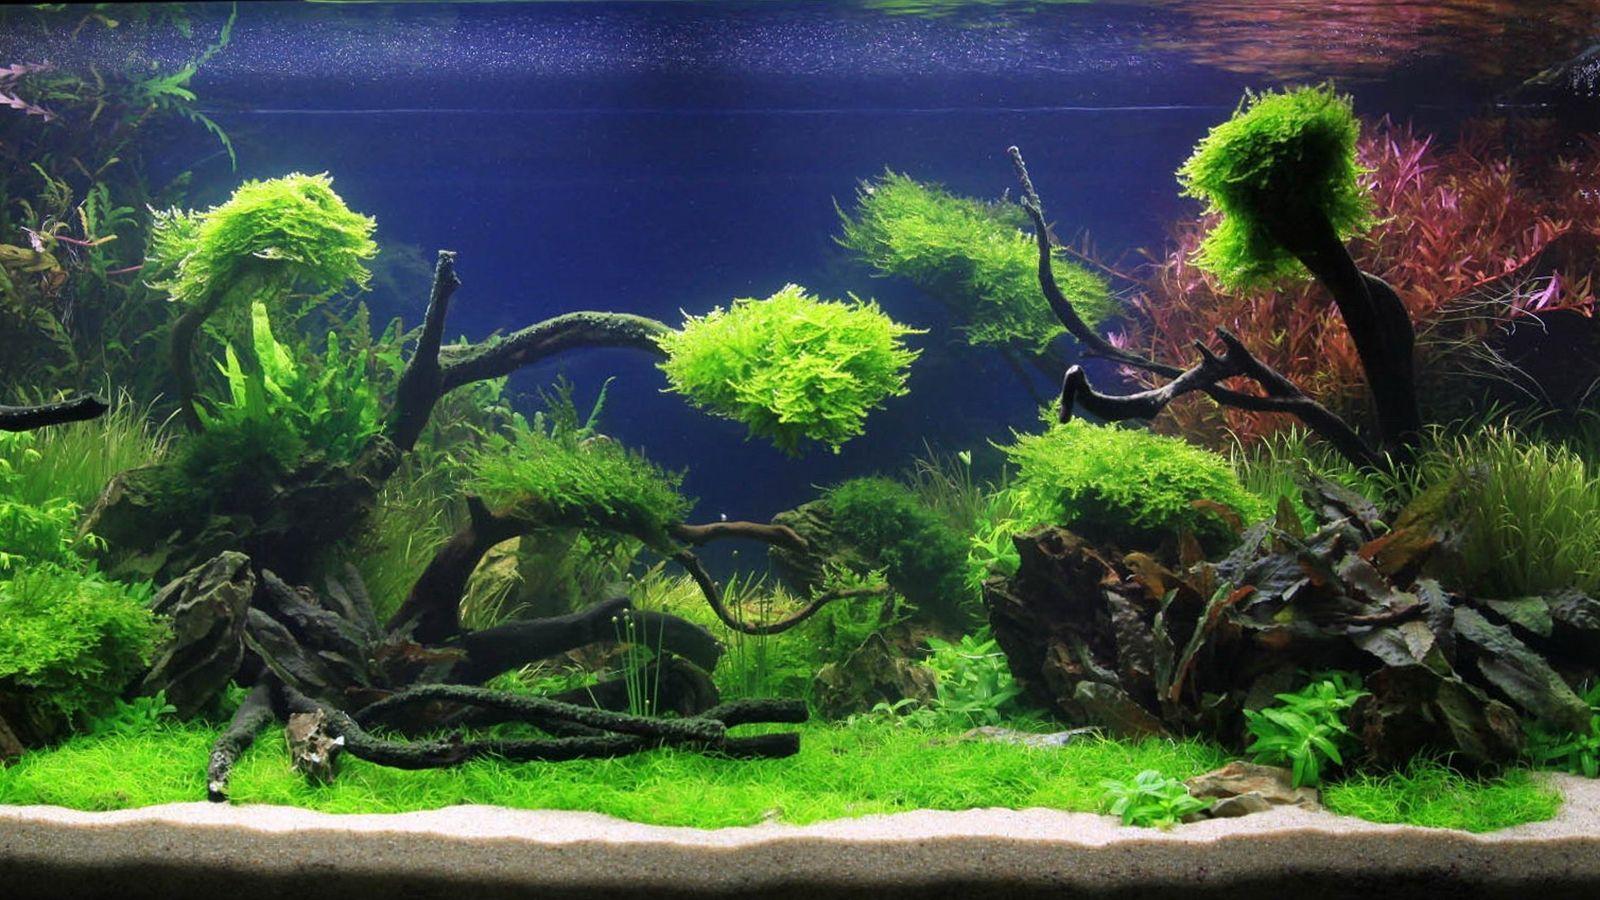 青と緑のコントラストが絶妙な水槽 アクアリウム の壁紙 脳に良い効果を与えてくれると言う水槽 アクアリウム のデスクトップ壁紙集 Naver まとめ Aquarium Landscape Aquascape Aquascape Aquarium